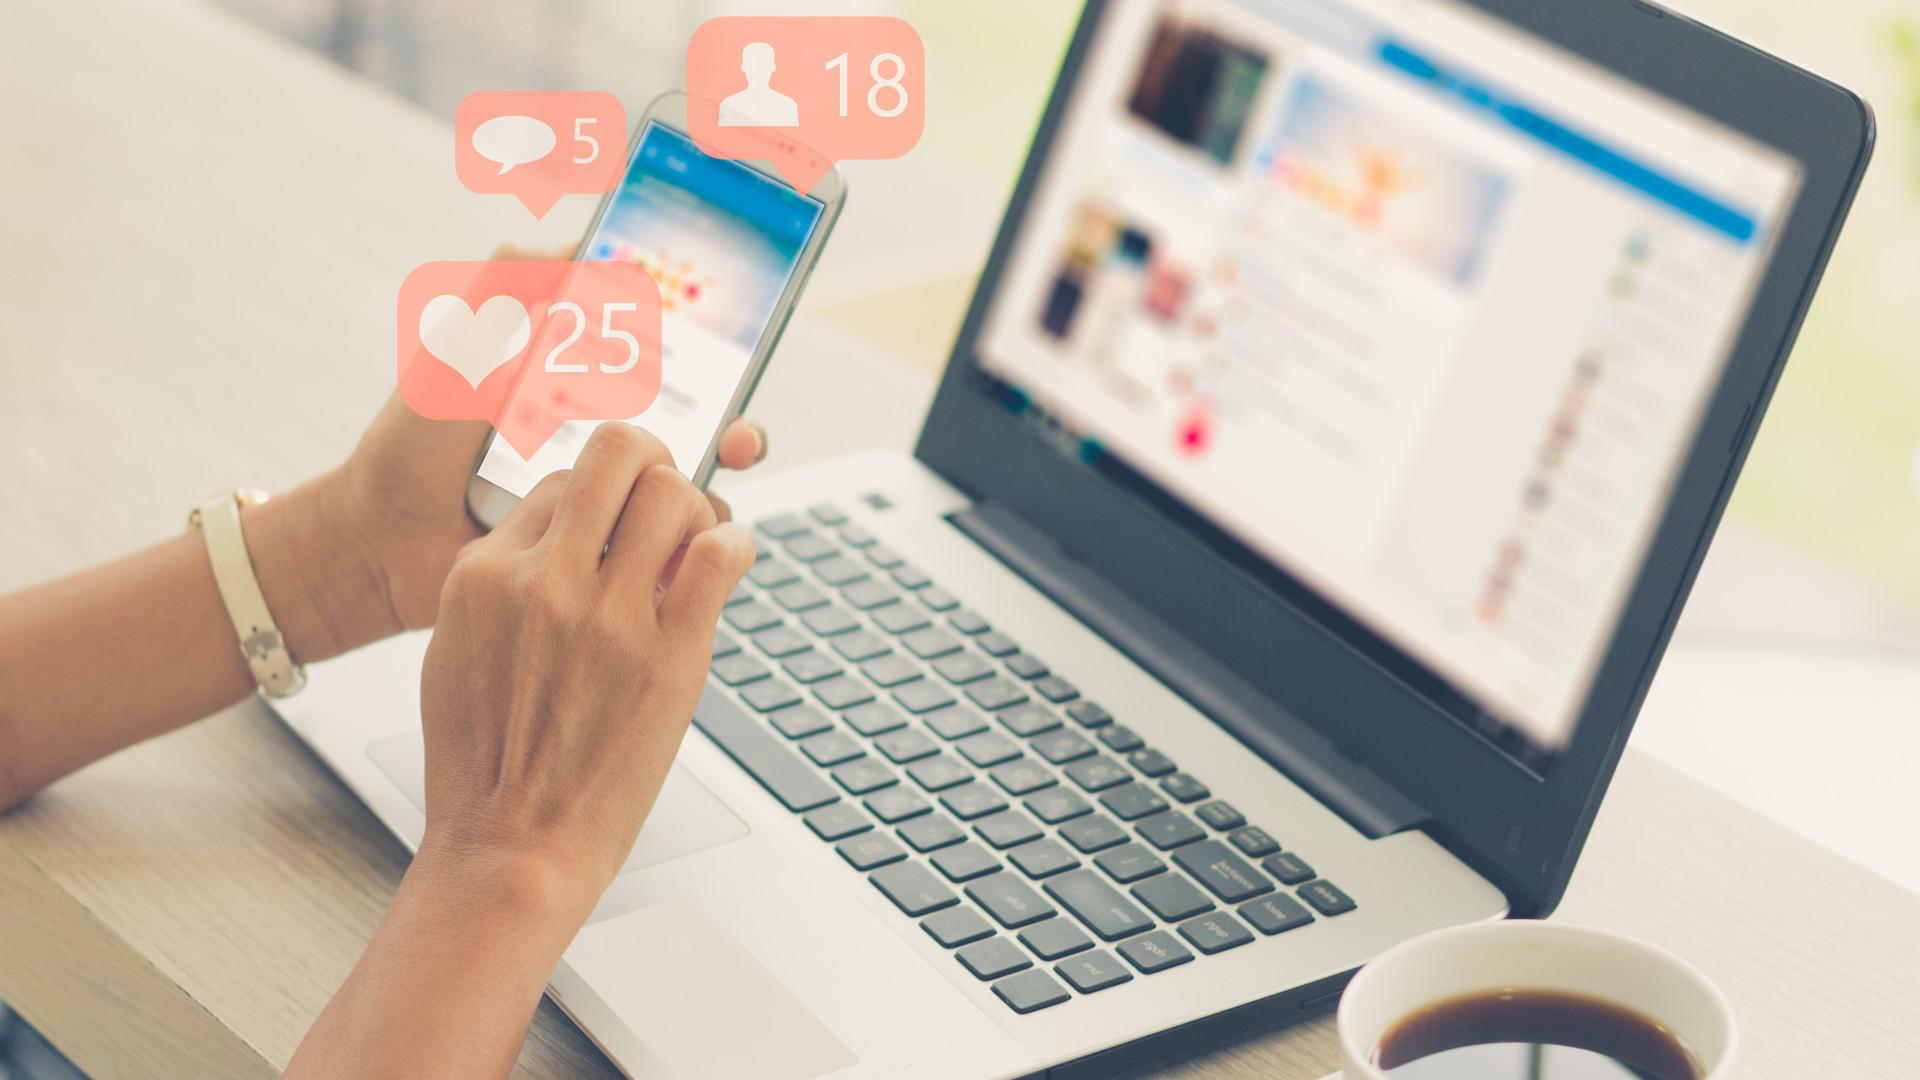 Eis as dicas da Associação Portuguesa de Bancos para se proteger online